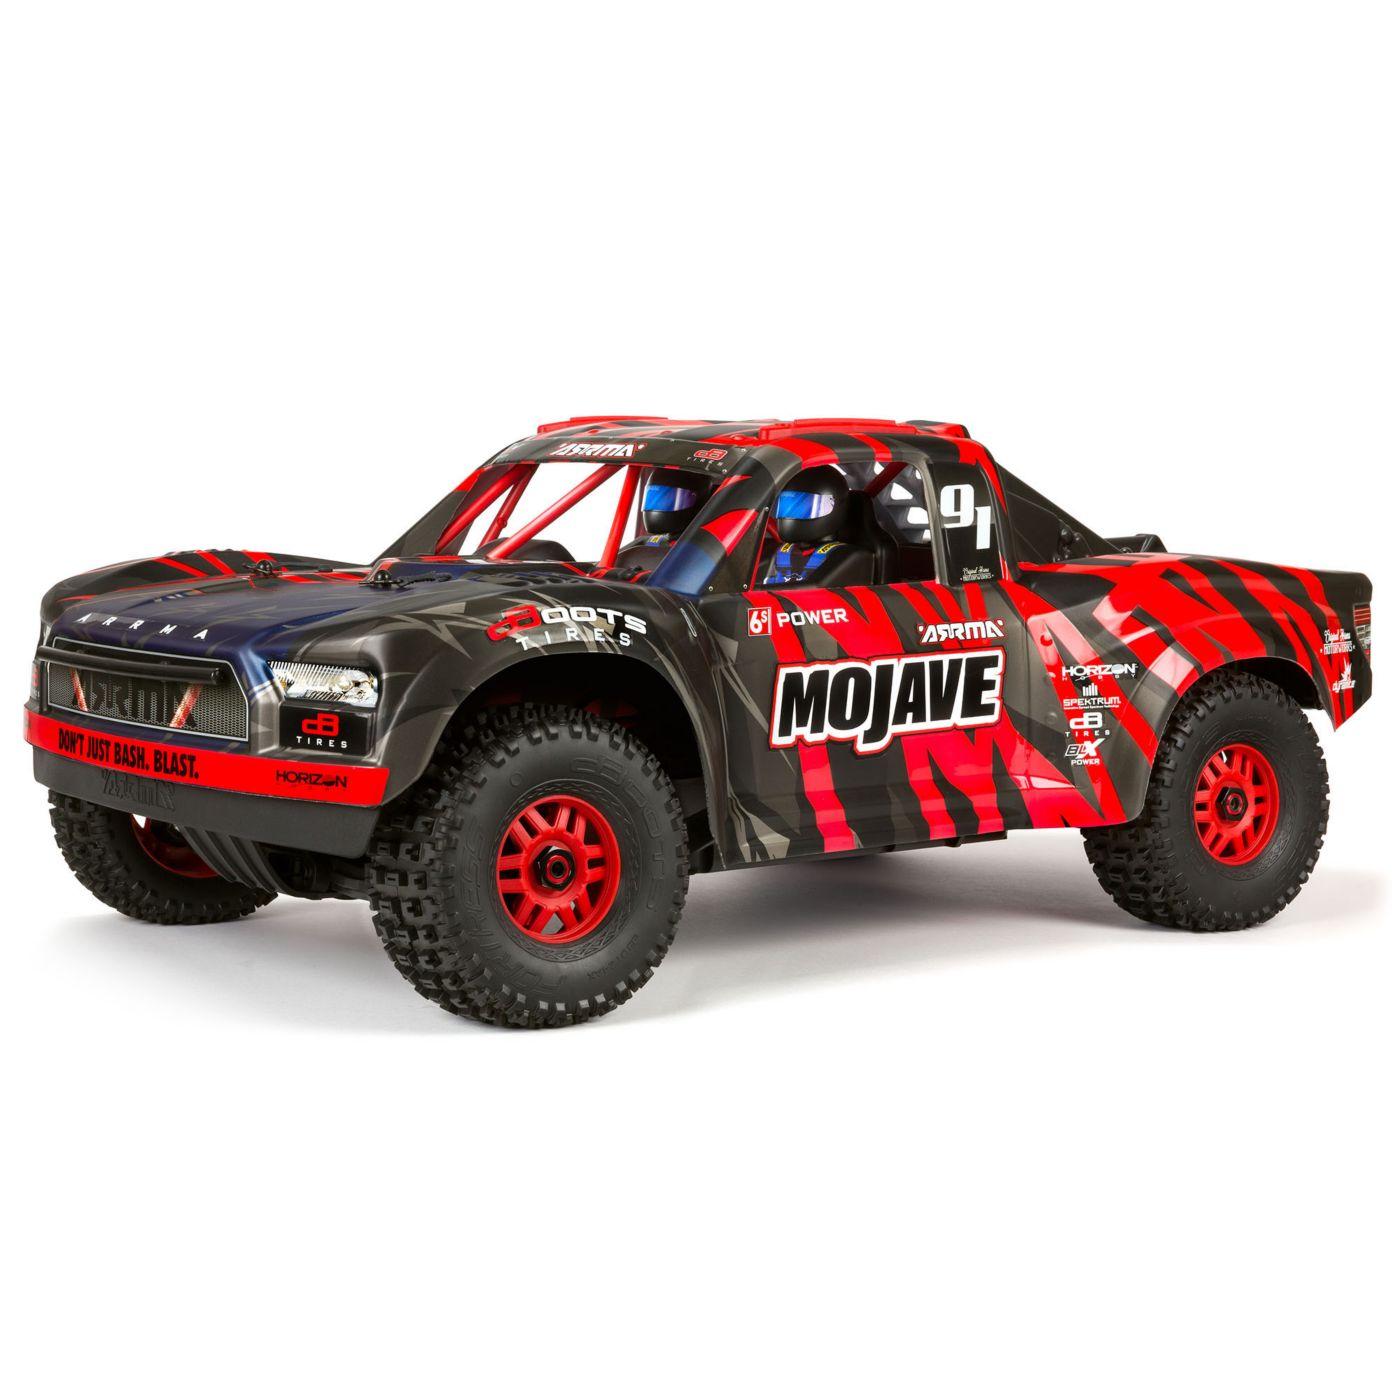 Arrma Mojave 6S Blx 4WD Desert Truck Brushless 2